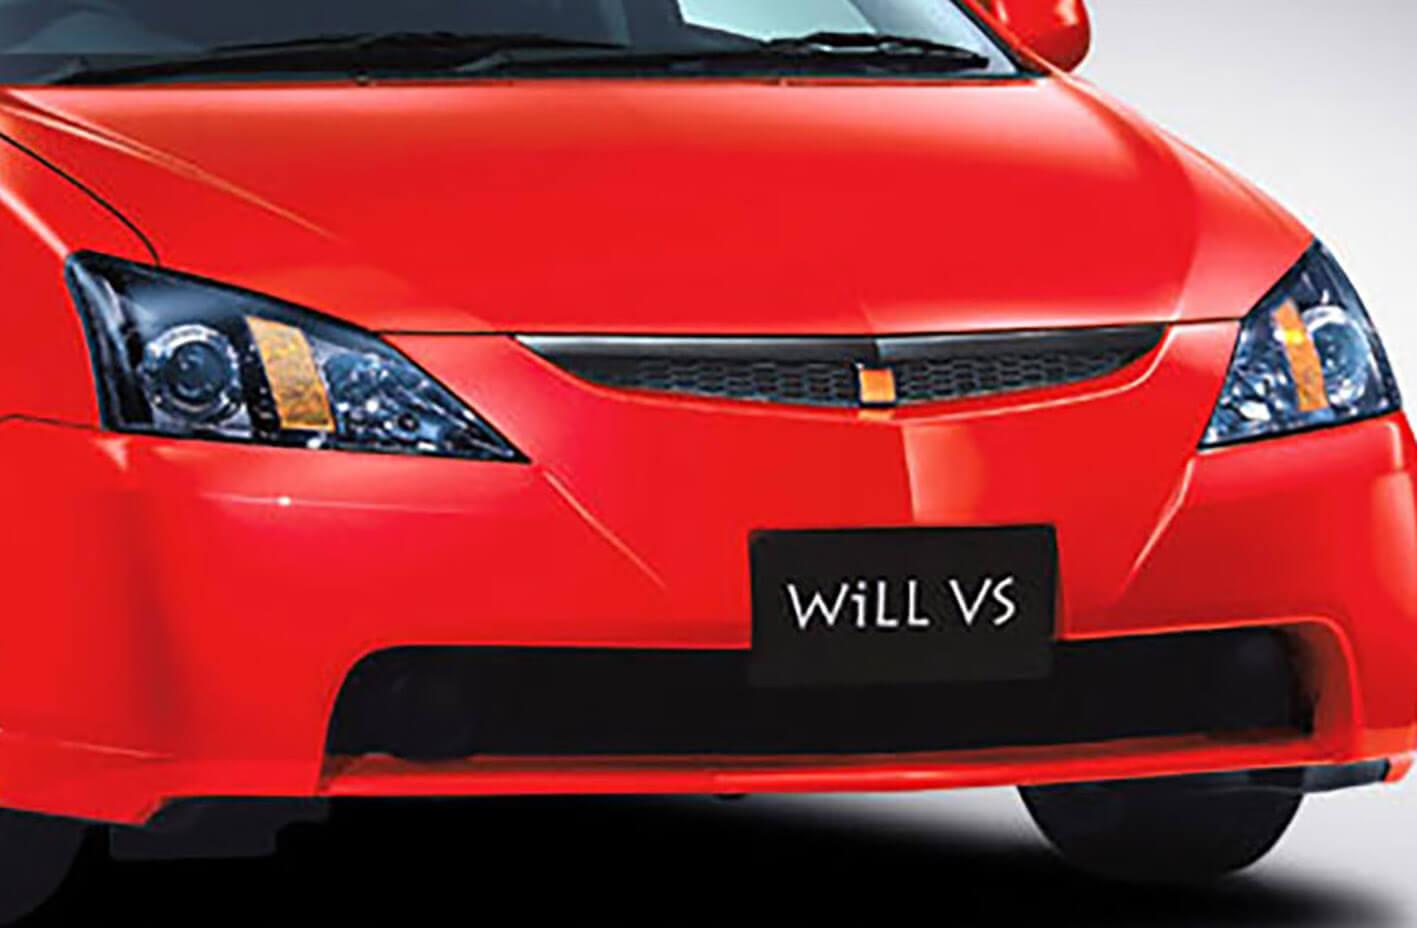 【軽セダン、着せ替え車、オープンSUV…】新ジャンルに挑戦するも散ったクルマたち